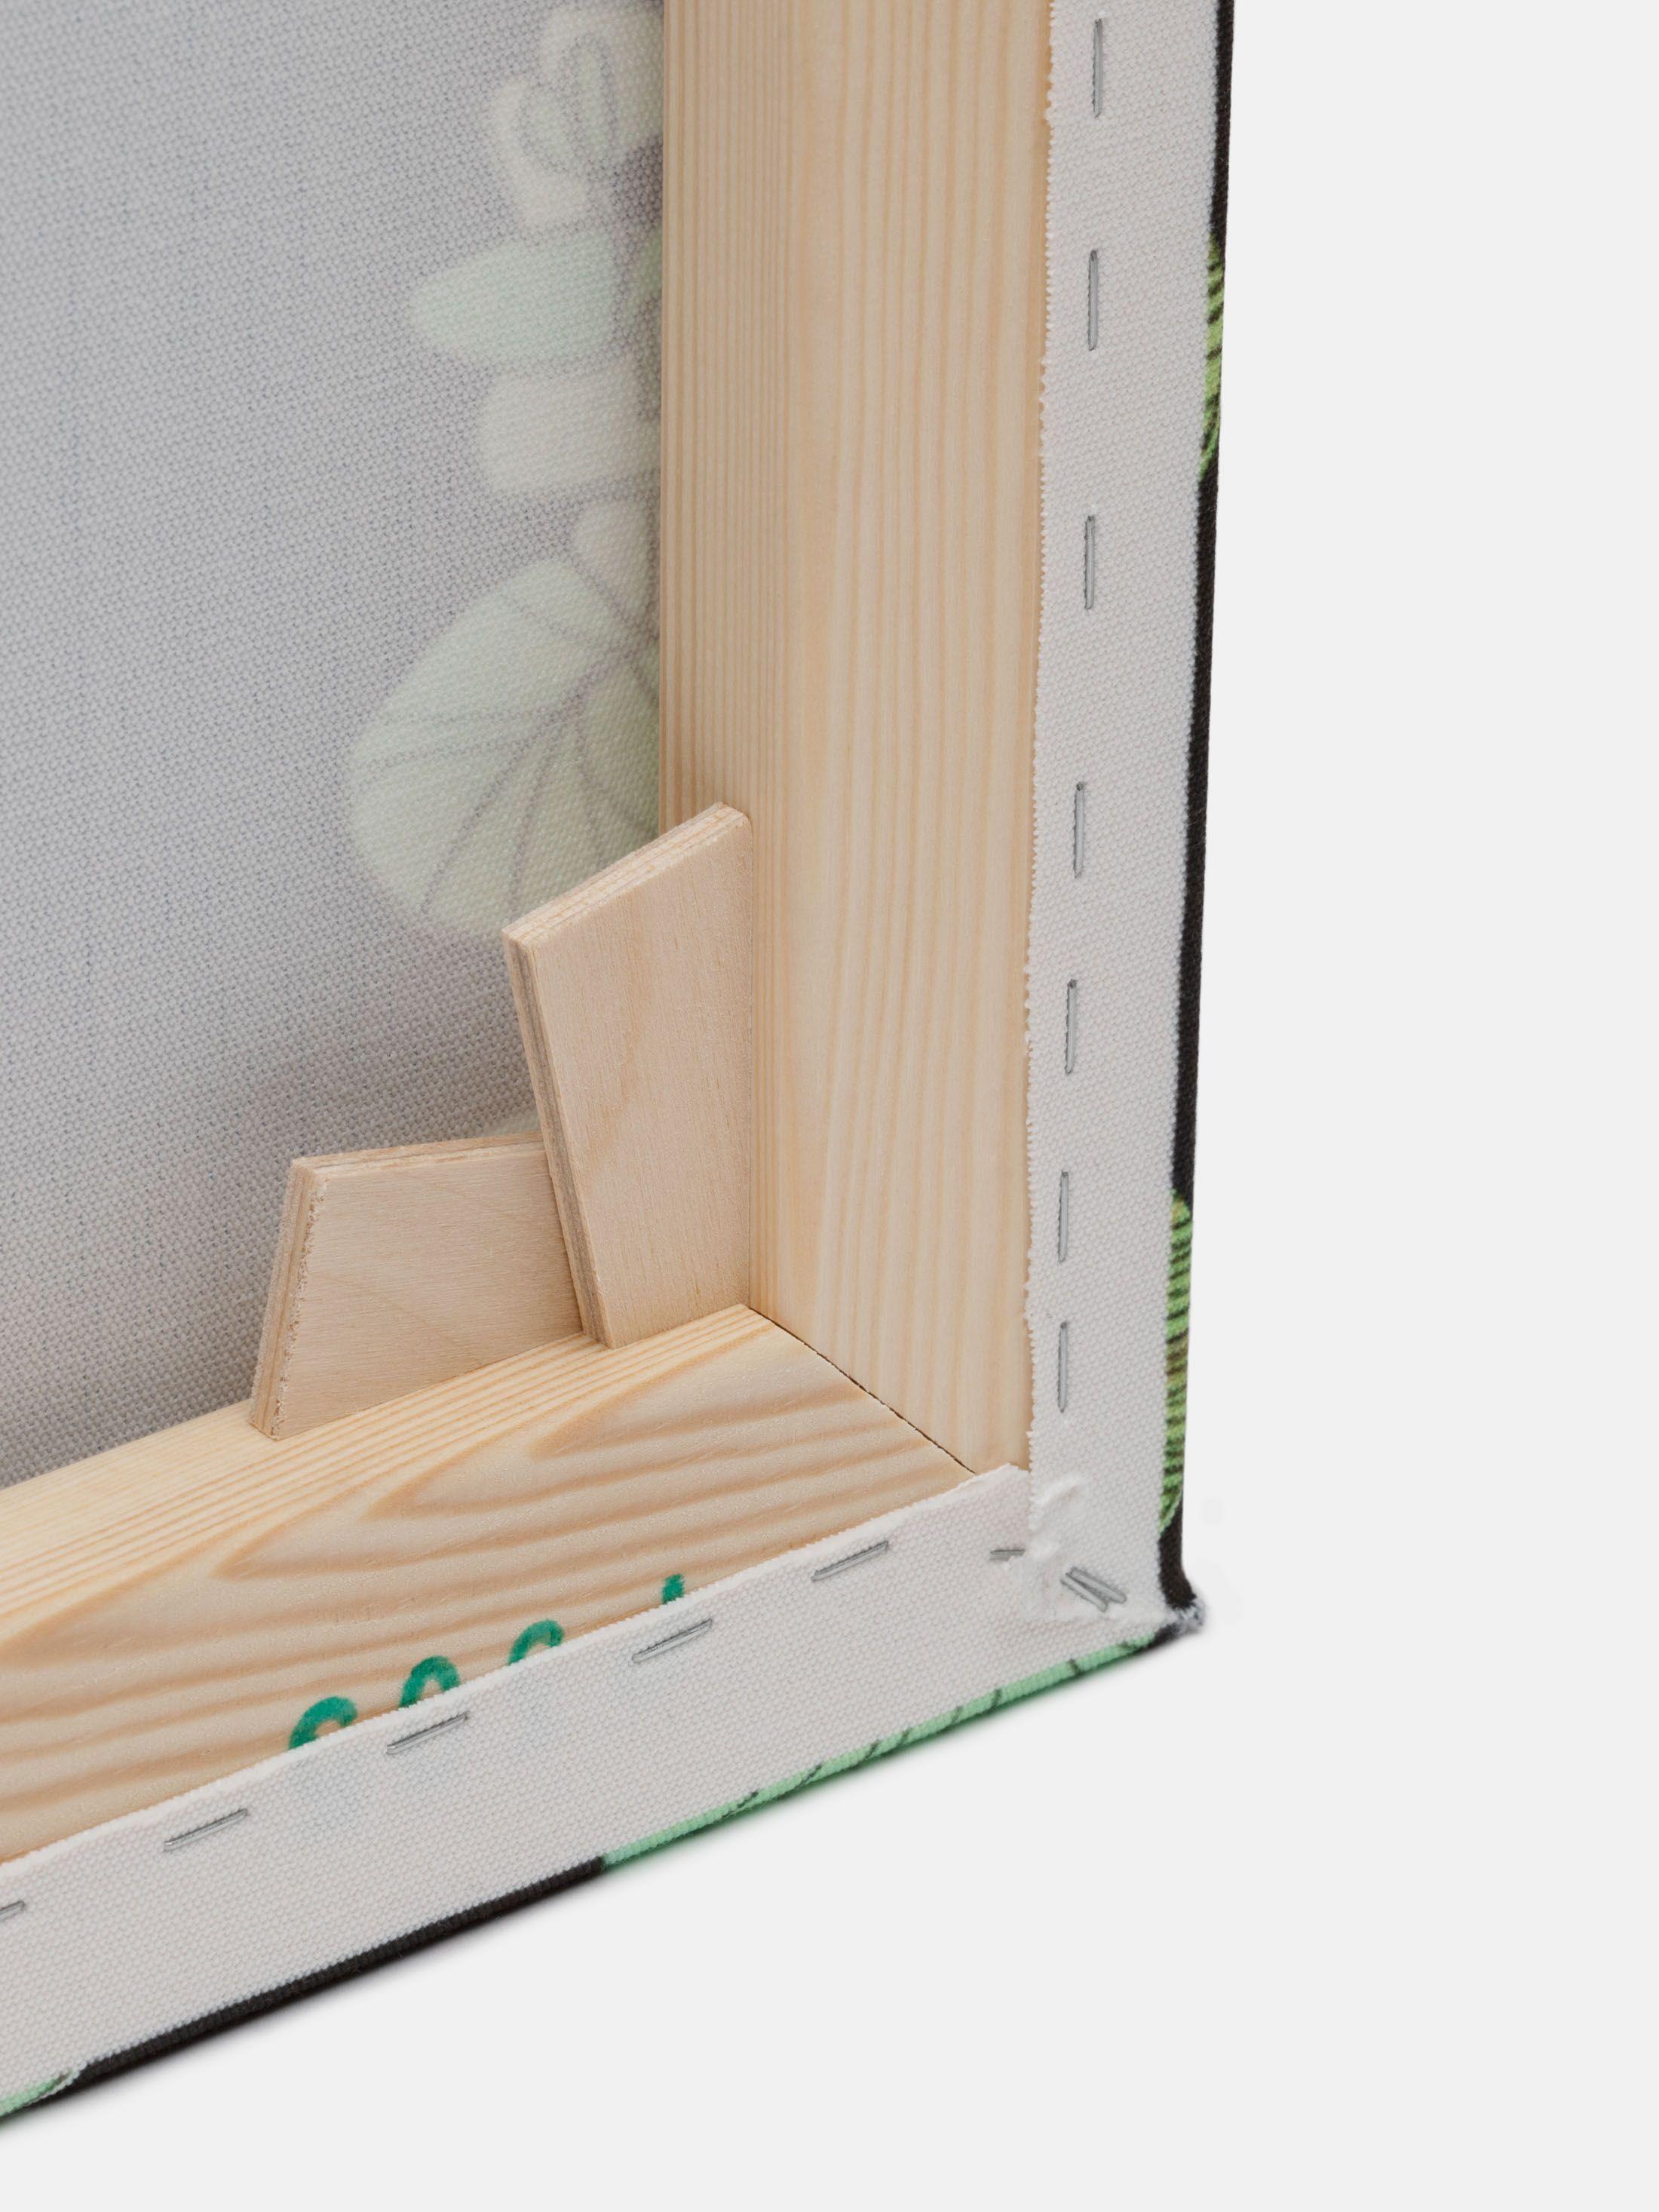 3つのパネルにオリジナルデザインを印刷